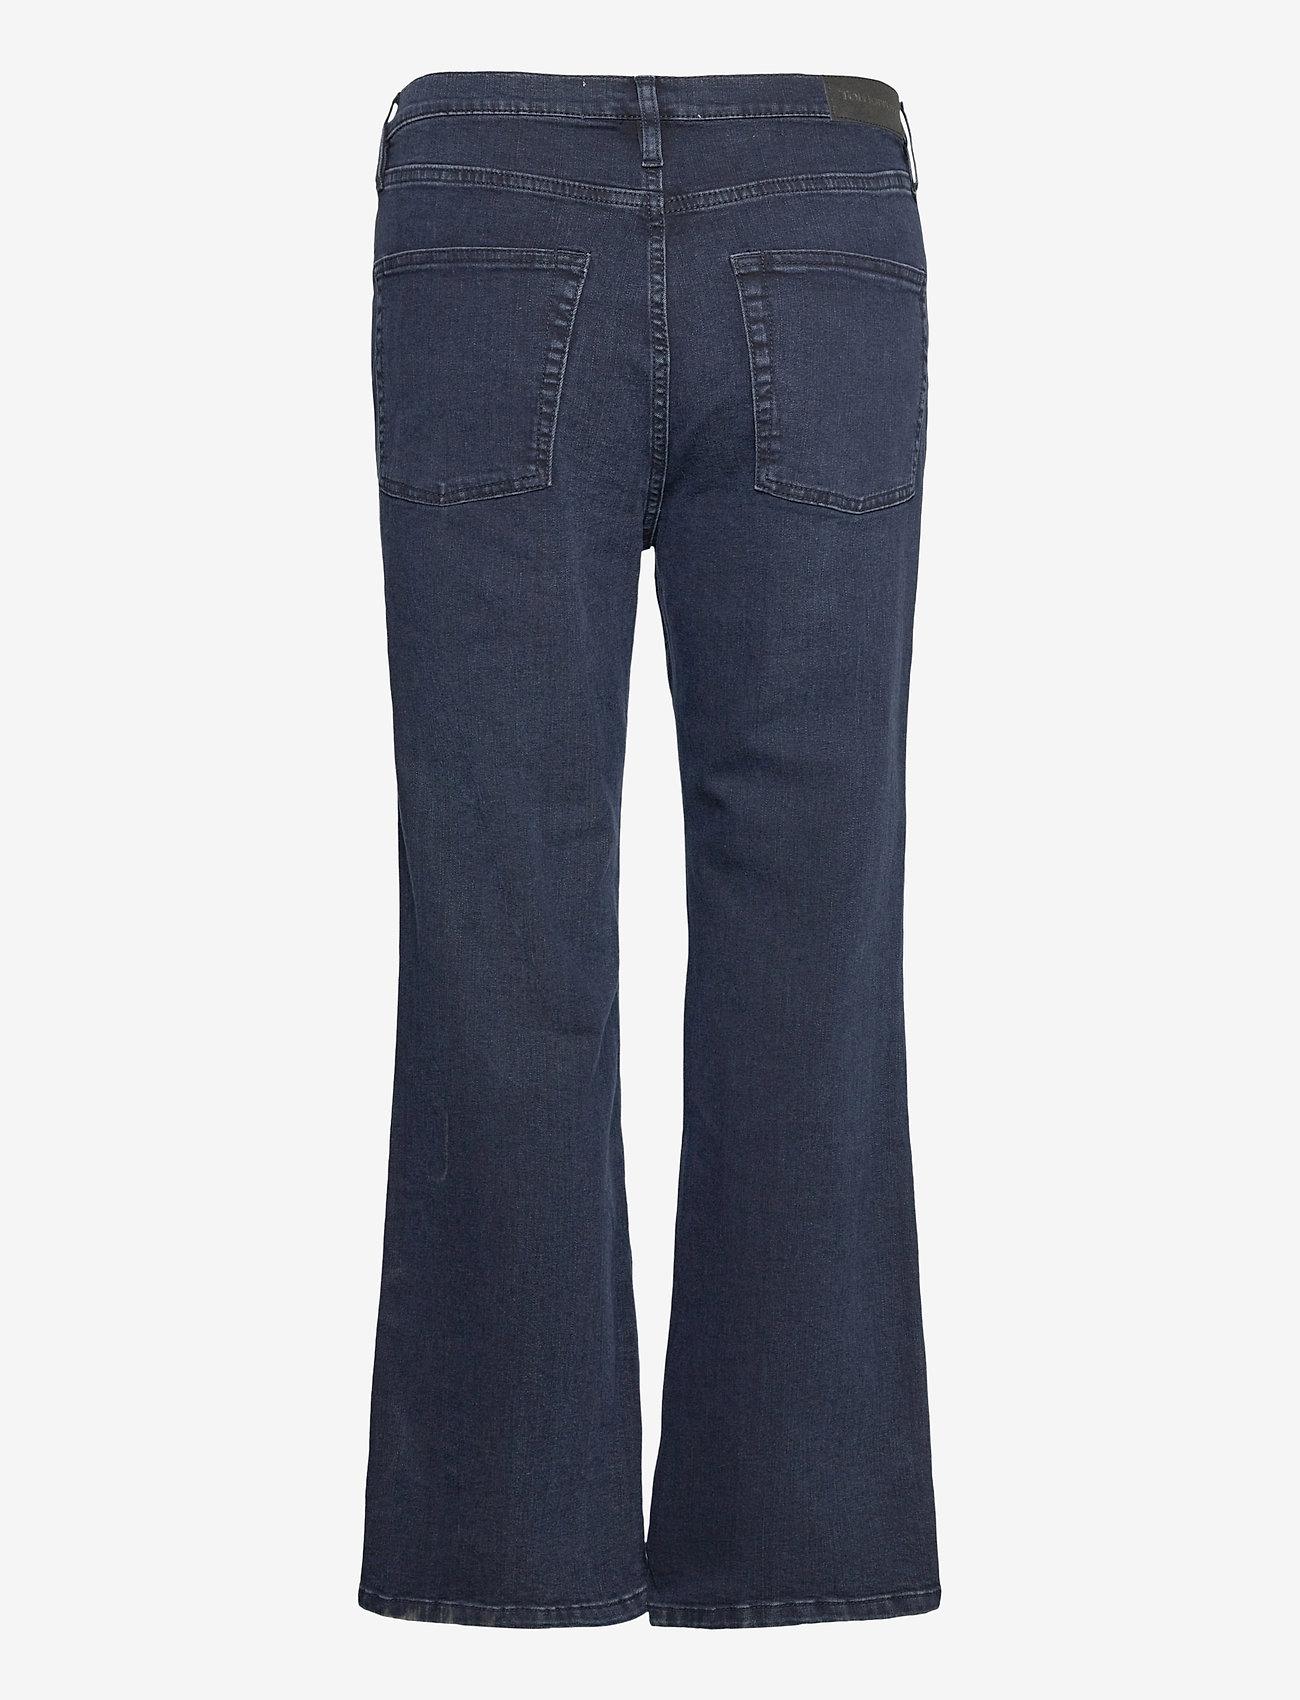 Marston Jeans Wash Austin (Denim Blue) (113.40 €) - Tomorrow k6zjG